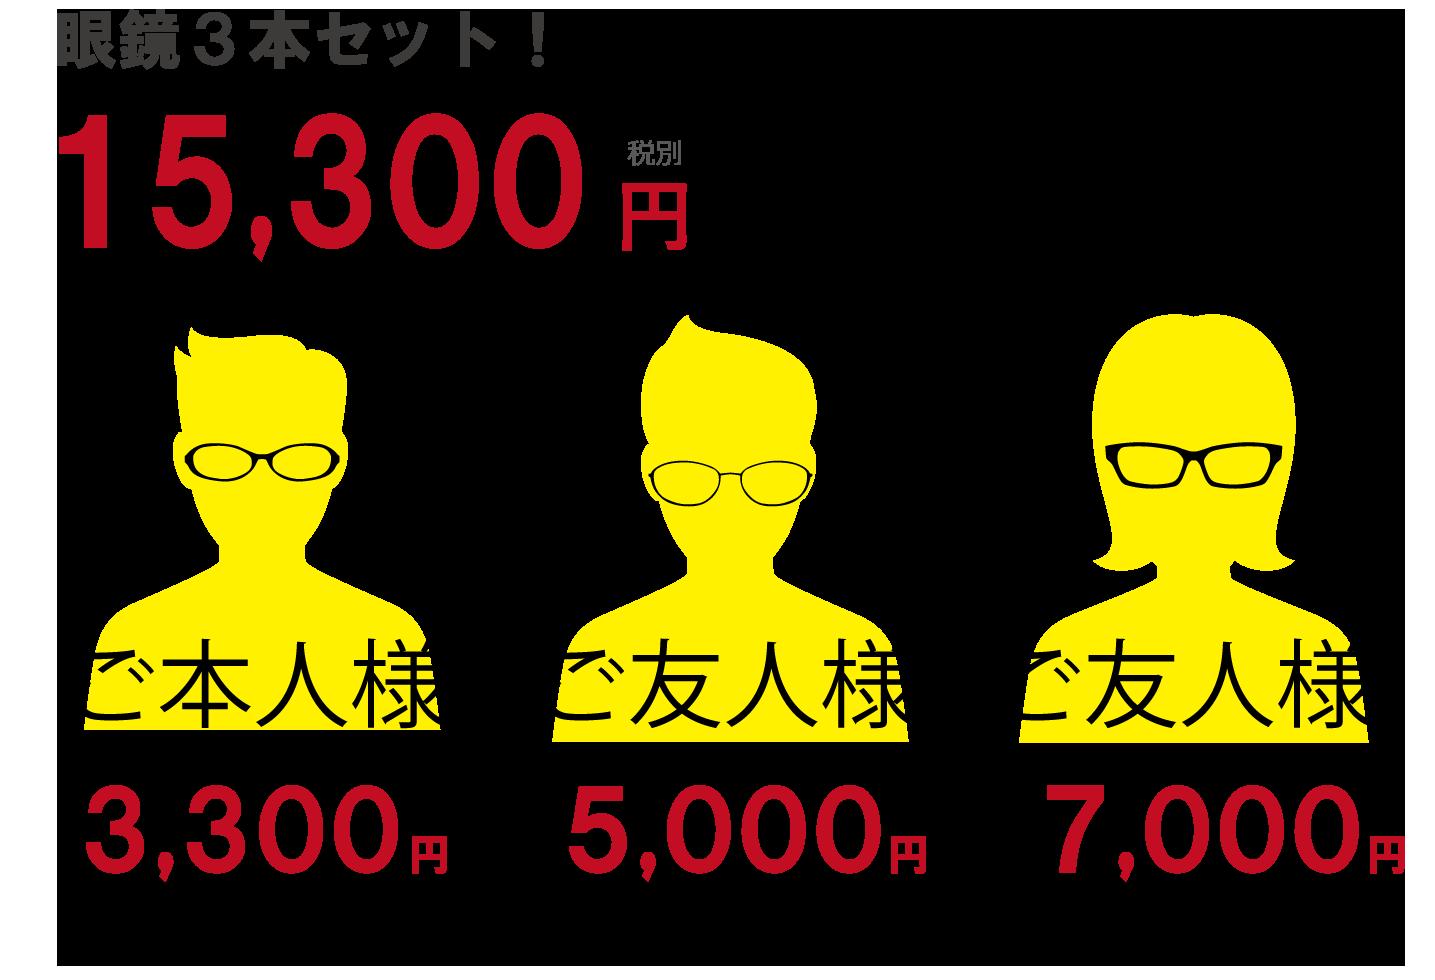 眼鏡のドクターアイズおススメの3本セット15300円